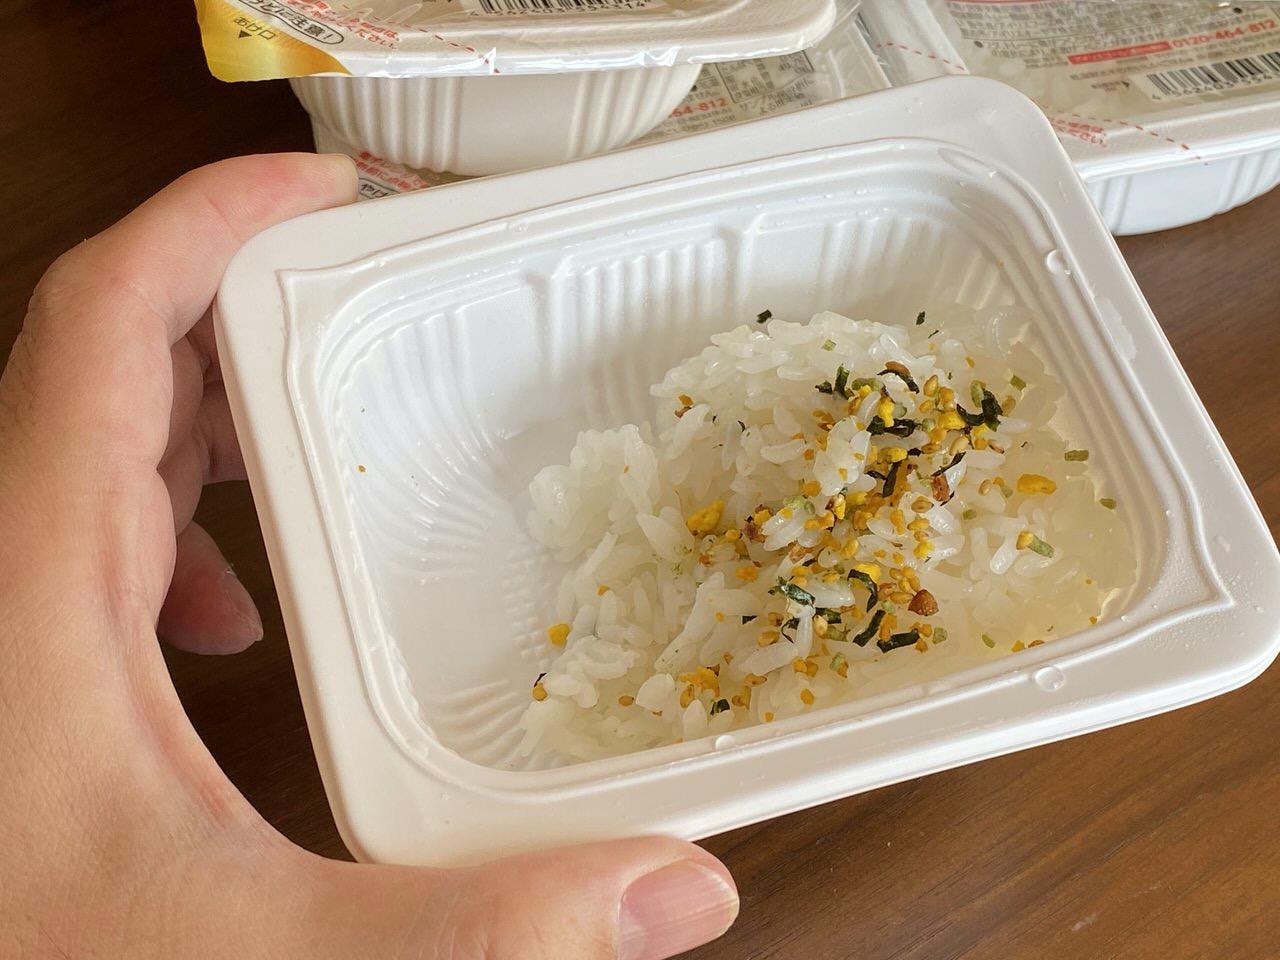 アイリスオーヤマ「低温製法米のおいしいごはん」14